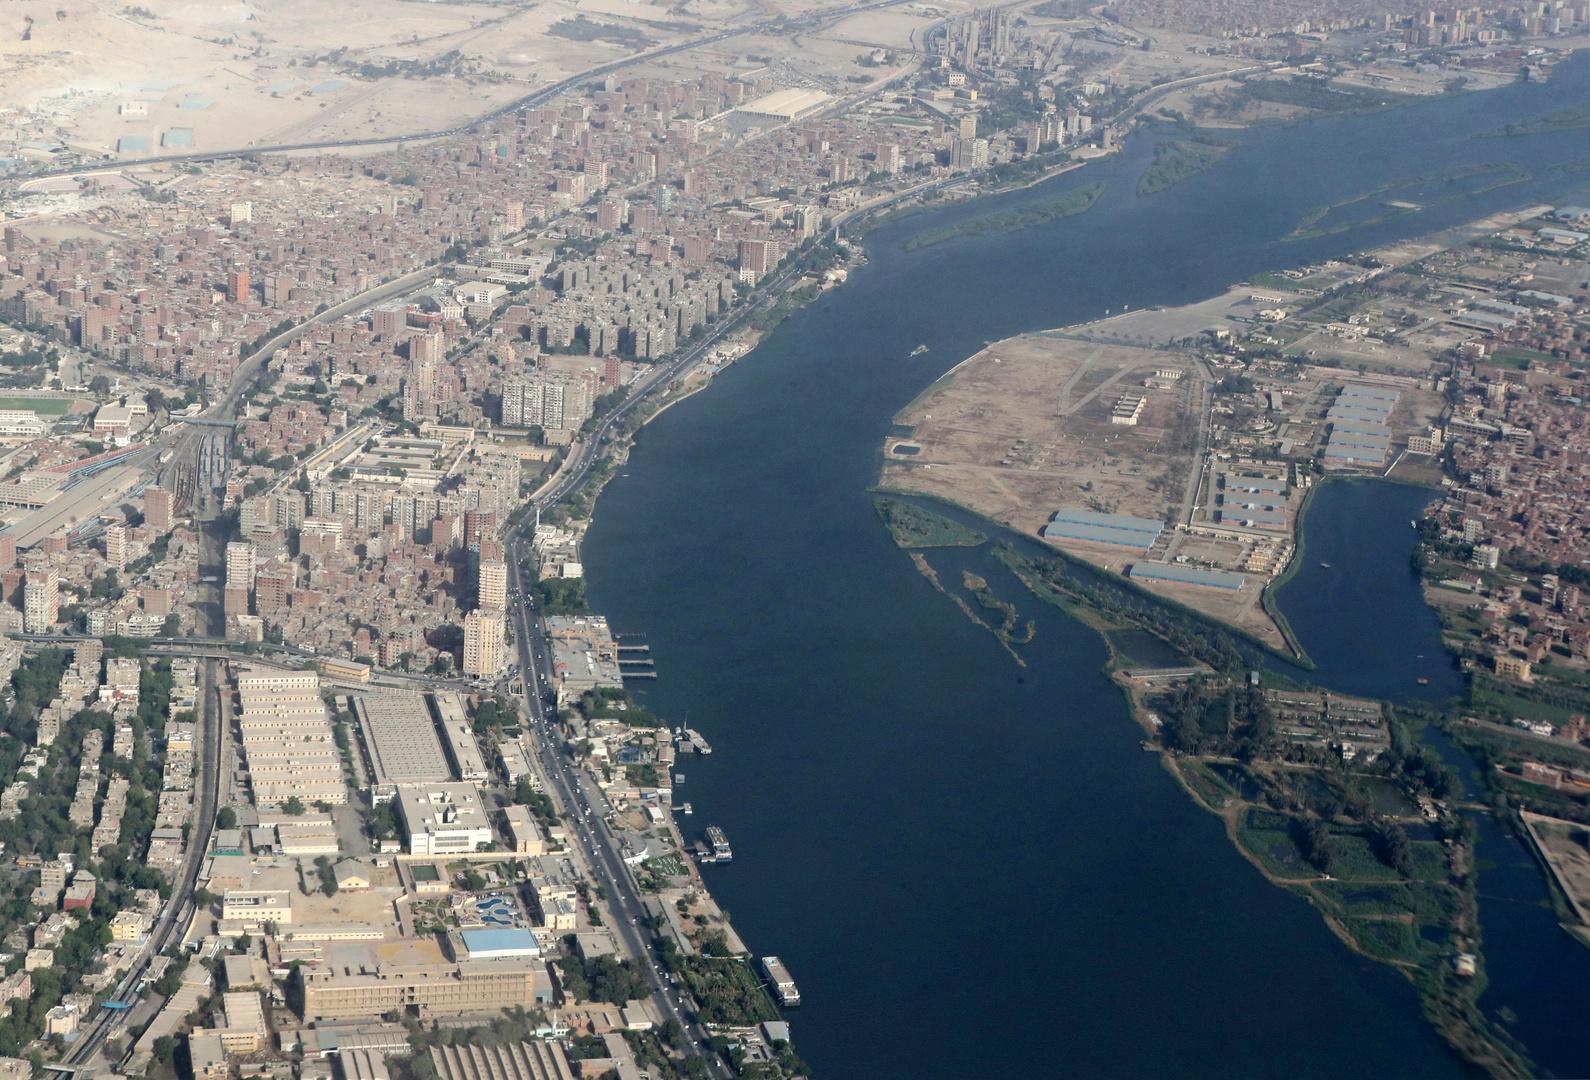 وزير الري المصري يتحدث عن استعداد بلاده للتصدي لصدمة كبيرة لم تشهدها منذ 5 سنوات